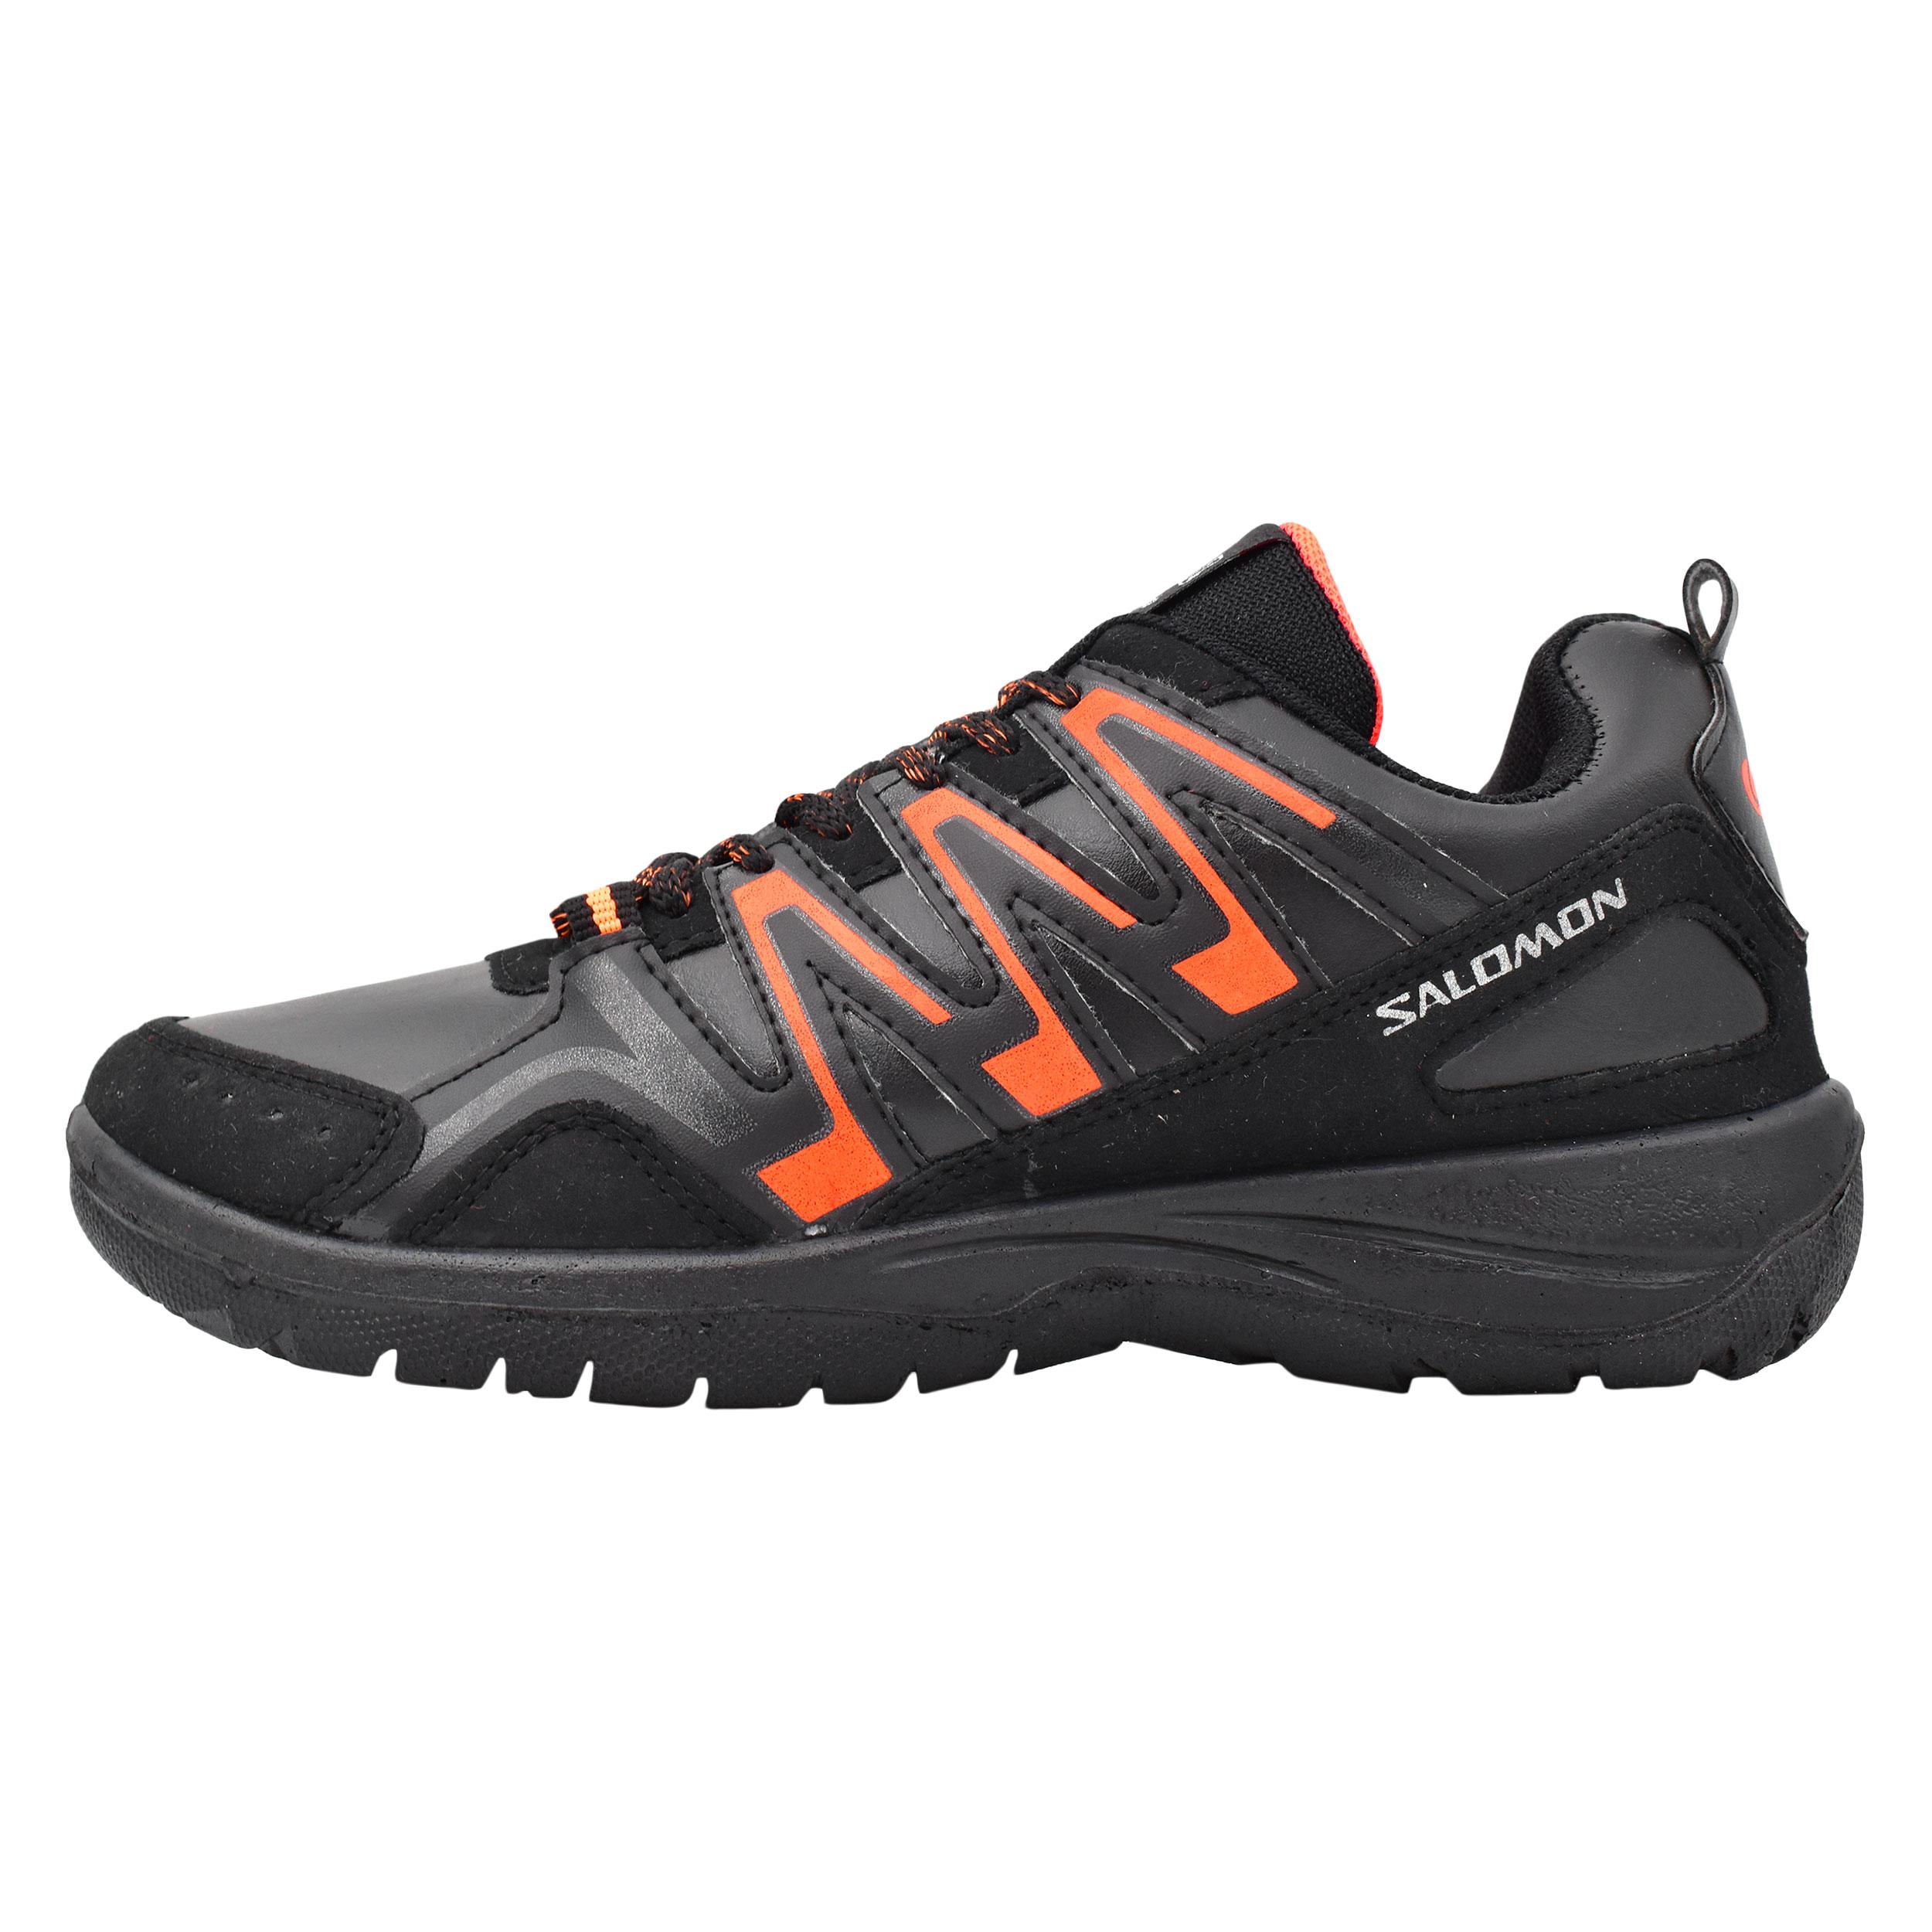 کفش پیاده روی مردانه ایده آل مدل SLM کد 8294